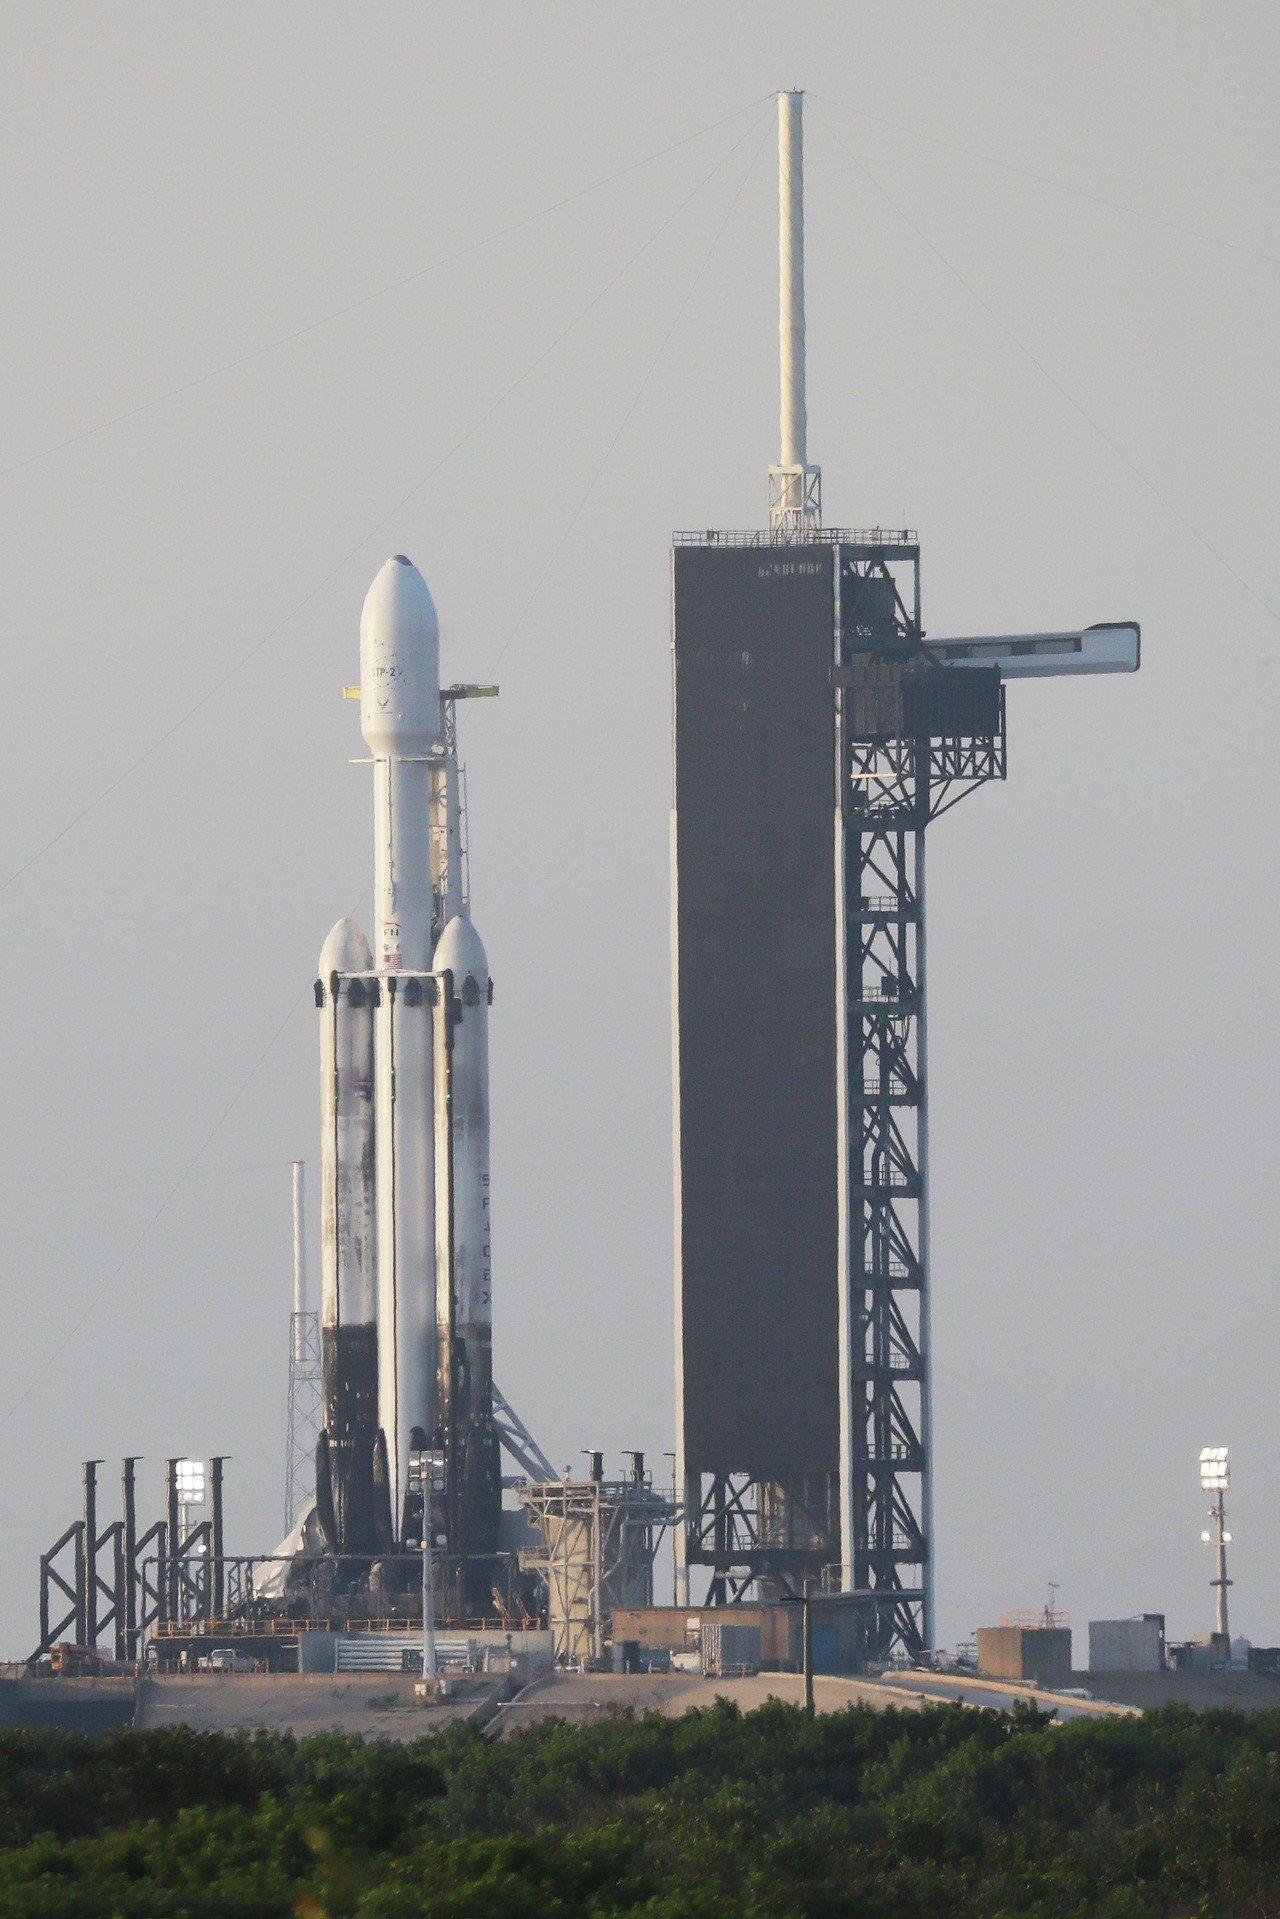 承載福衛七號的獵鷹重型火箭直立在發射台。圖/國研院提供